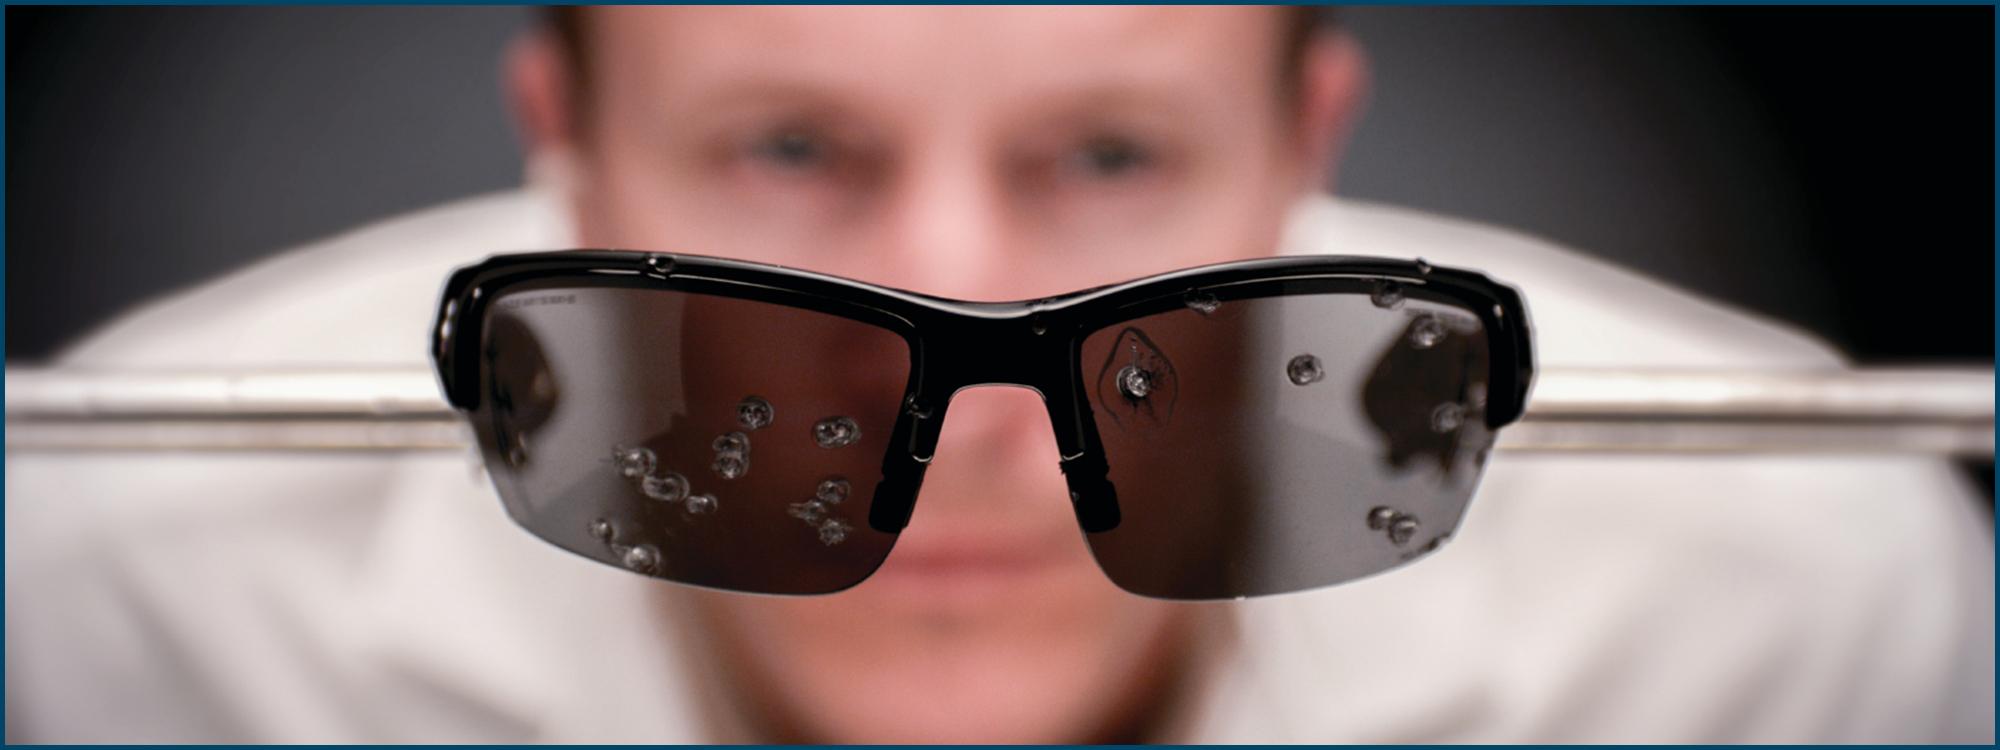 wx-eyewear-protection-image-1-.jpg